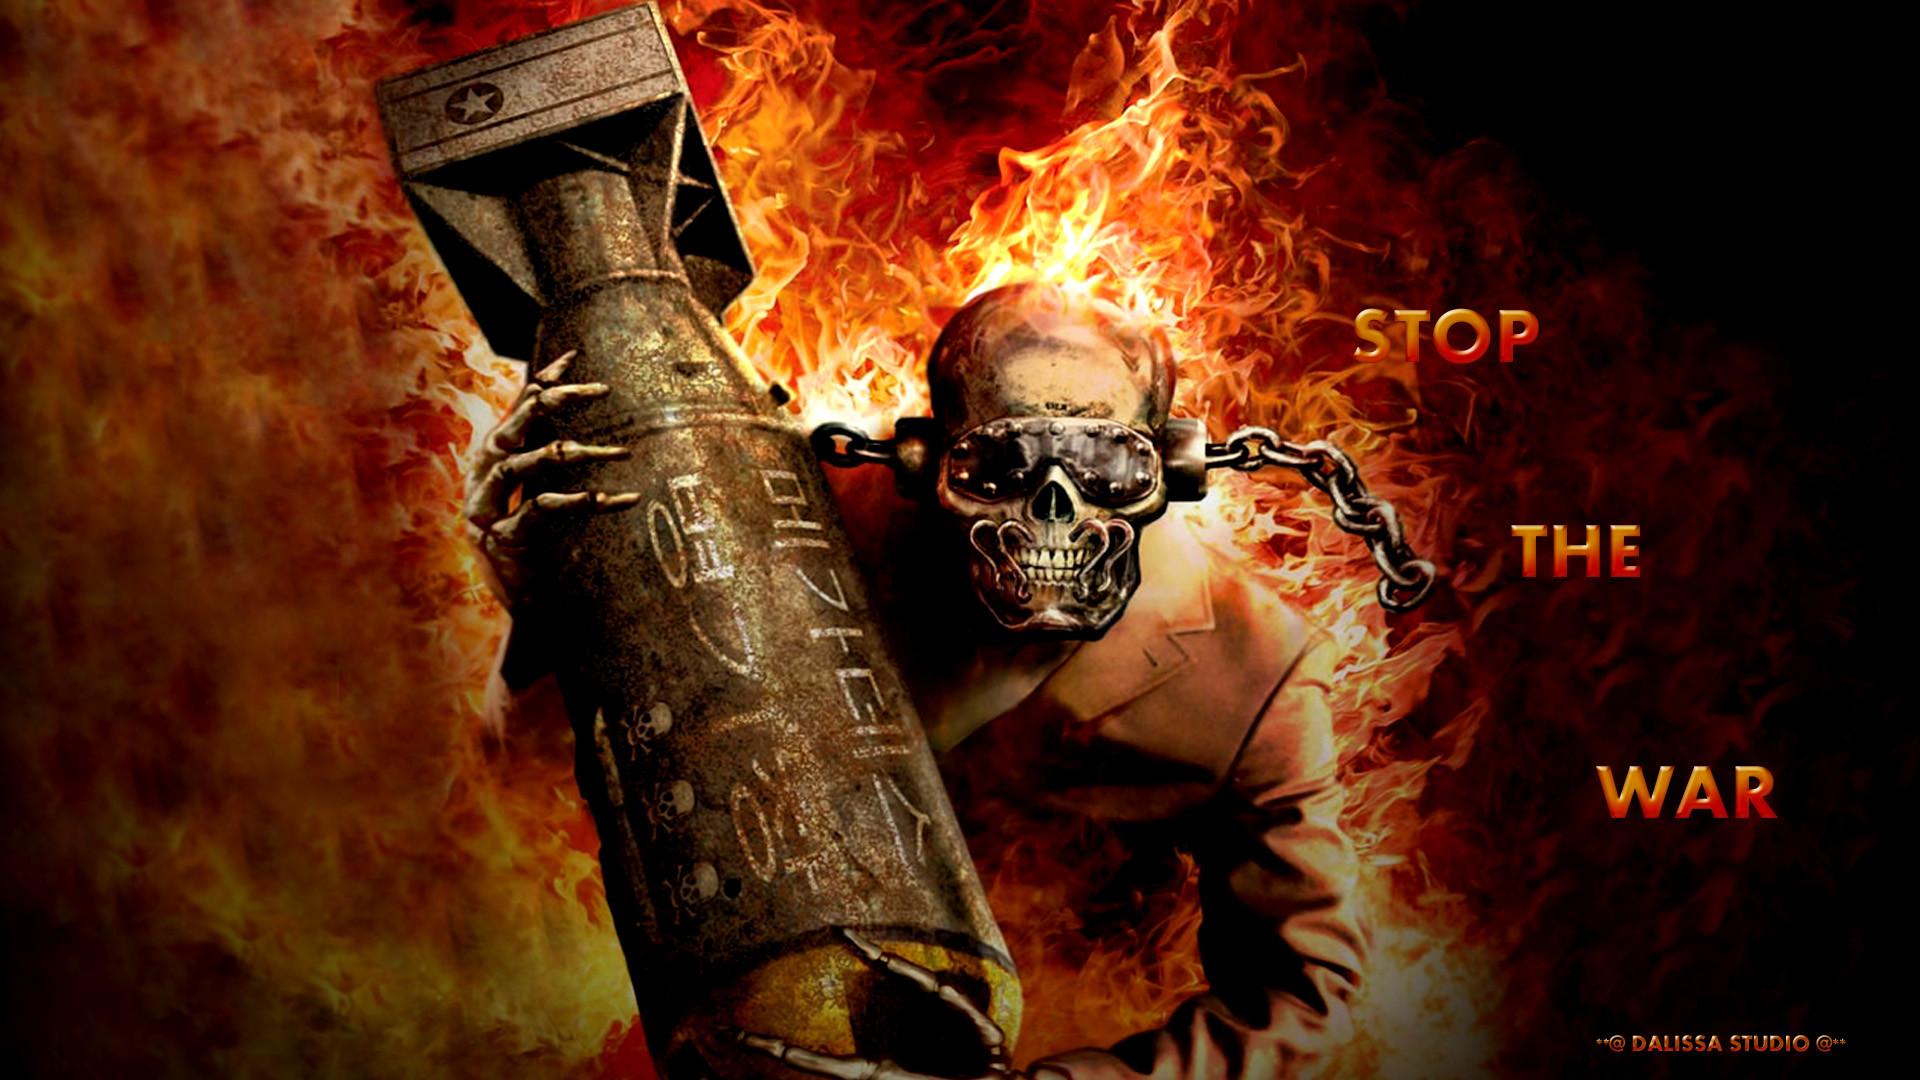 Megadeth Wallpaper HD 1080p